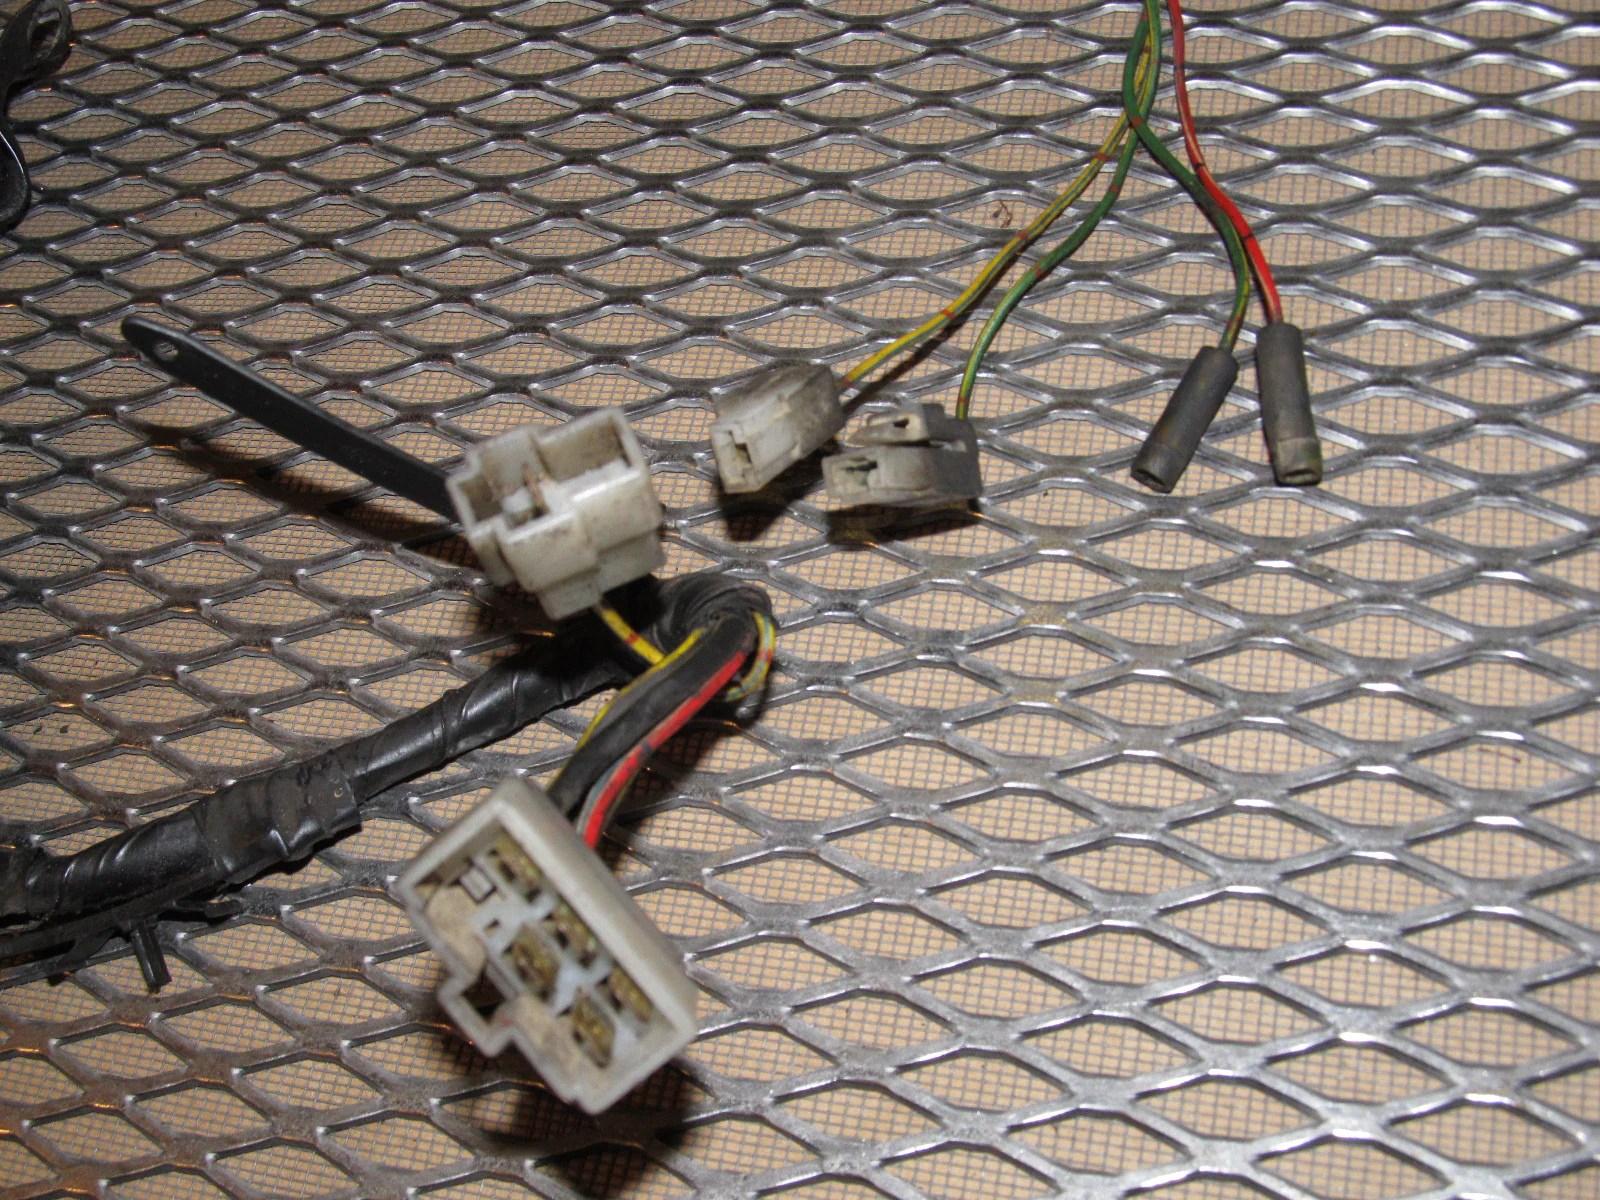 84 85 mazda rx7 oem m t transmission wiring harness 12a [ 1600 x 1200 Pixel ]